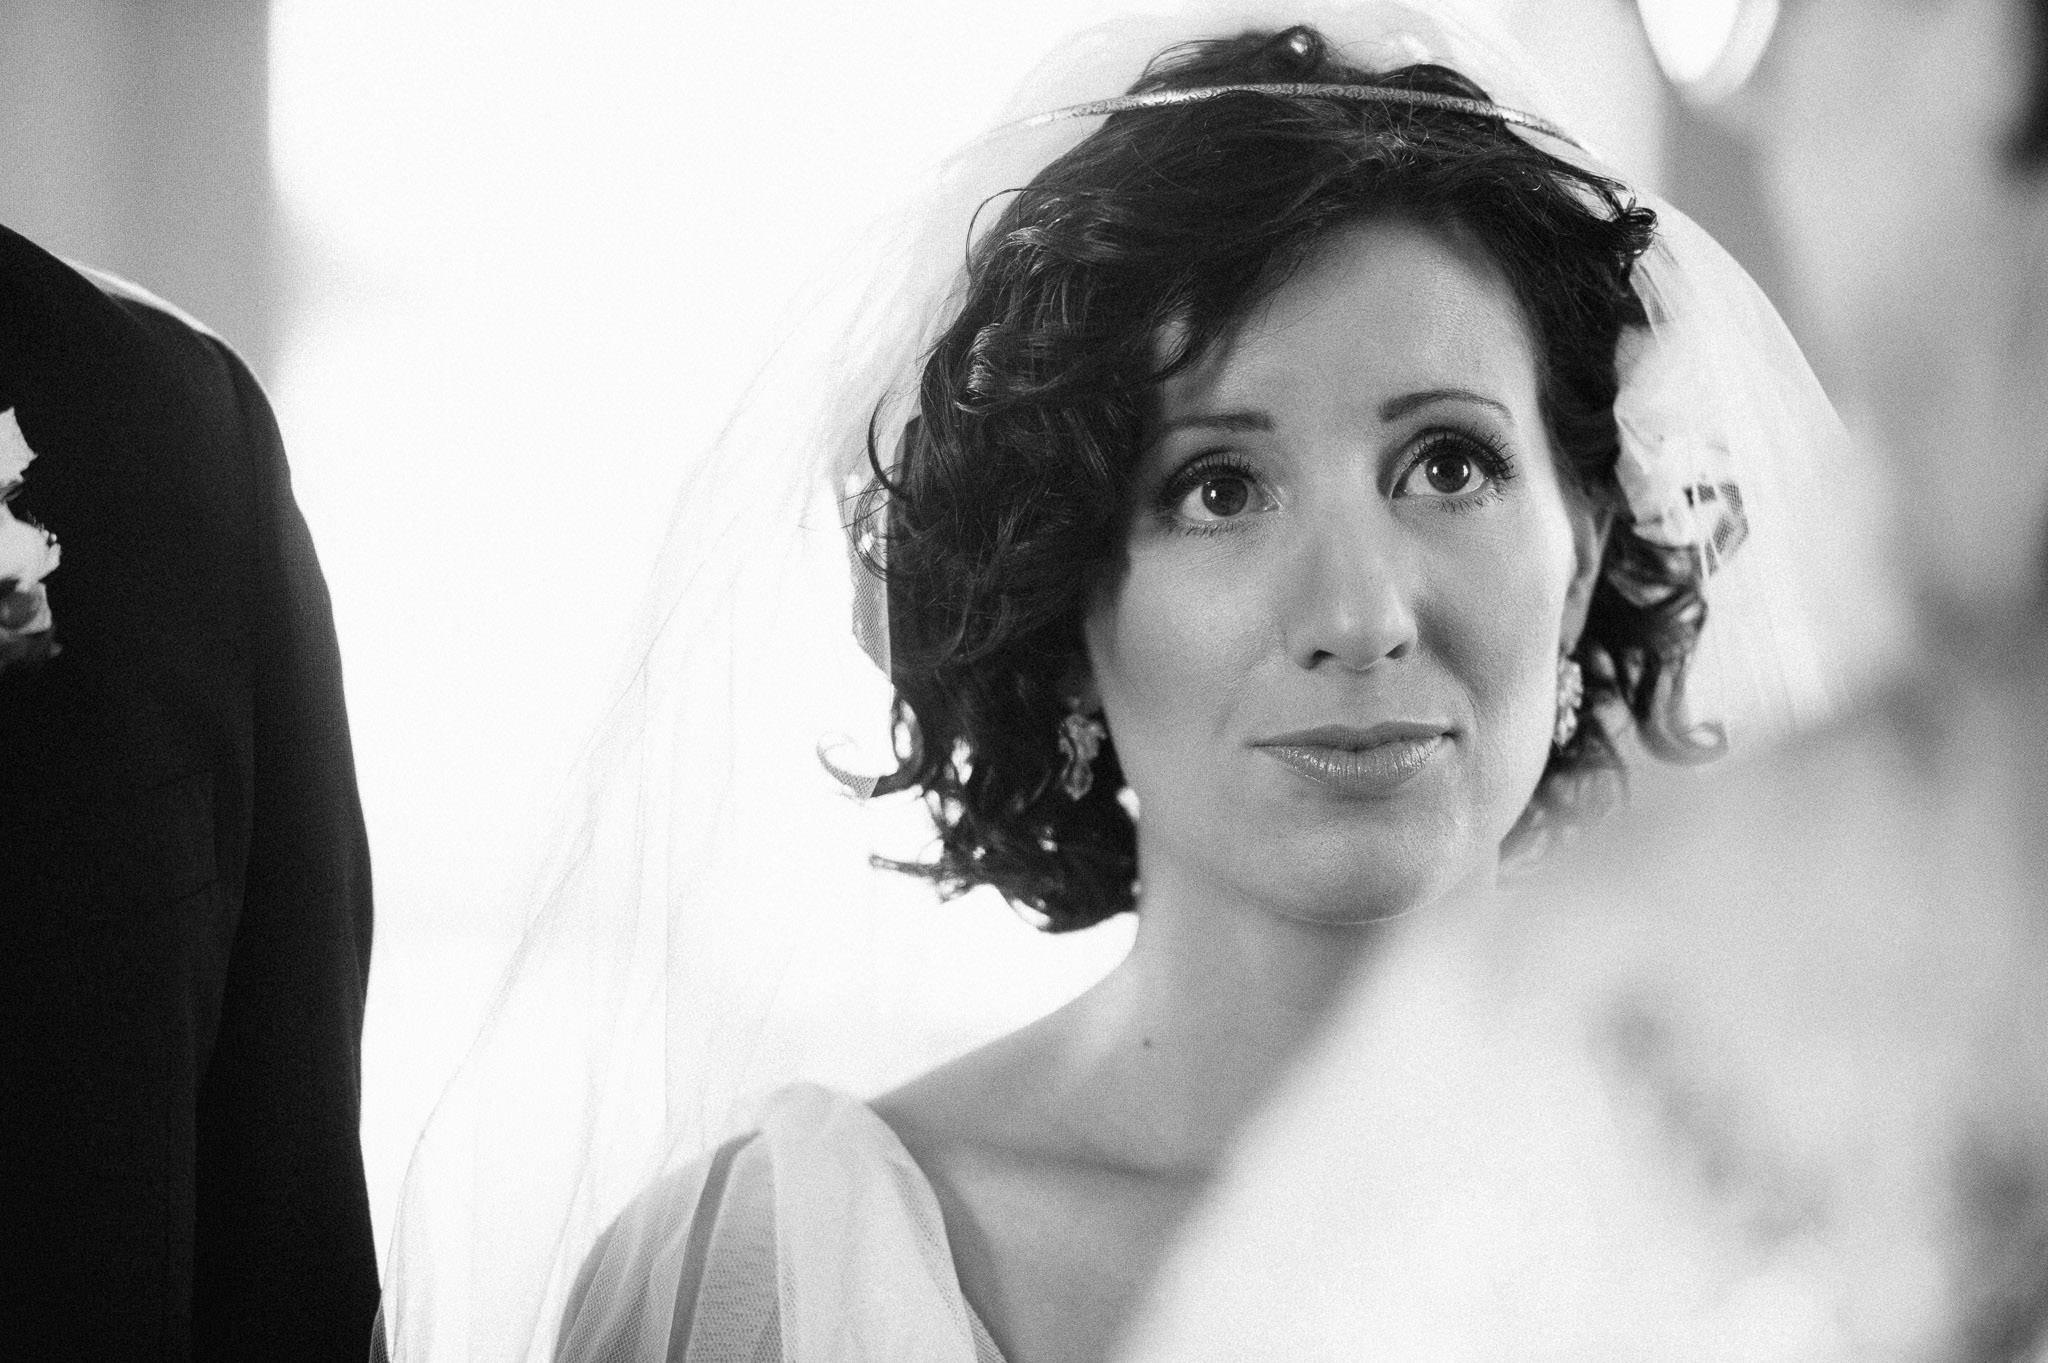 Wedding ceremony - bride